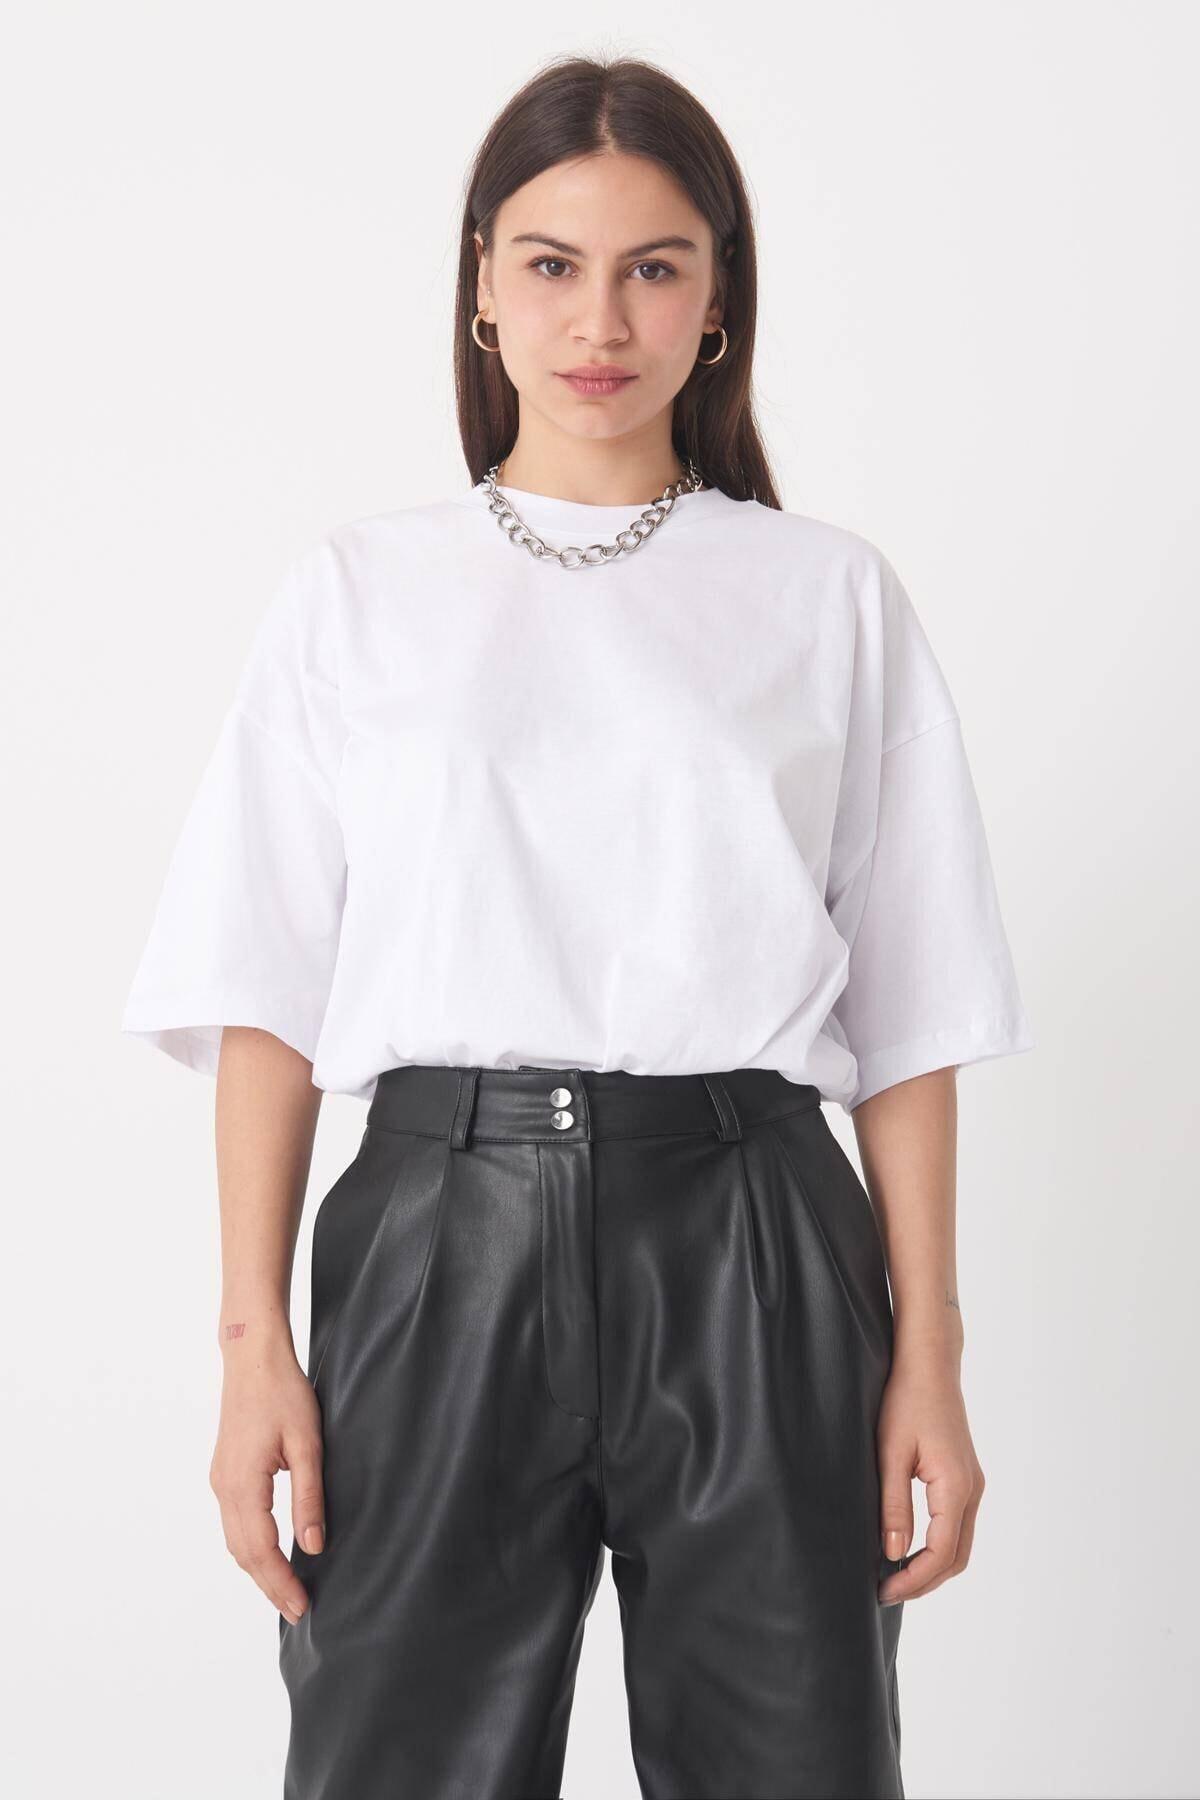 Addax Kadın Beyaz Oversize Tişört P0731 - İ5 ADX-0000020596 2